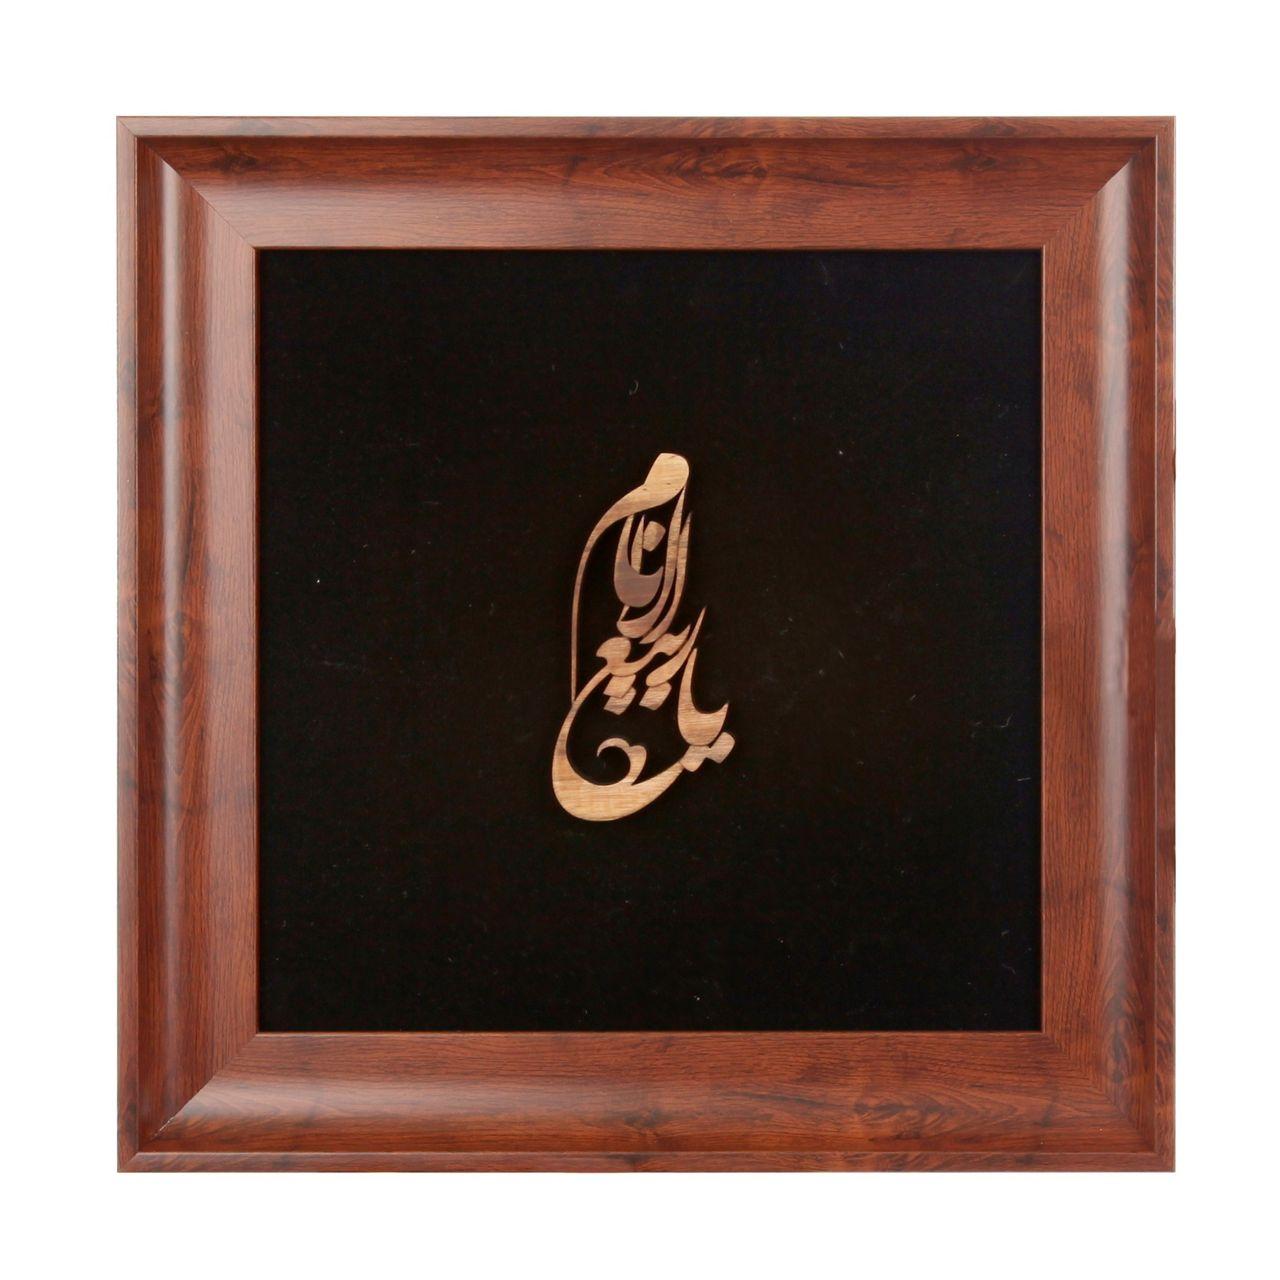 تابلو معرق طرح امام زمان یا ربیع الانام کد 20001514